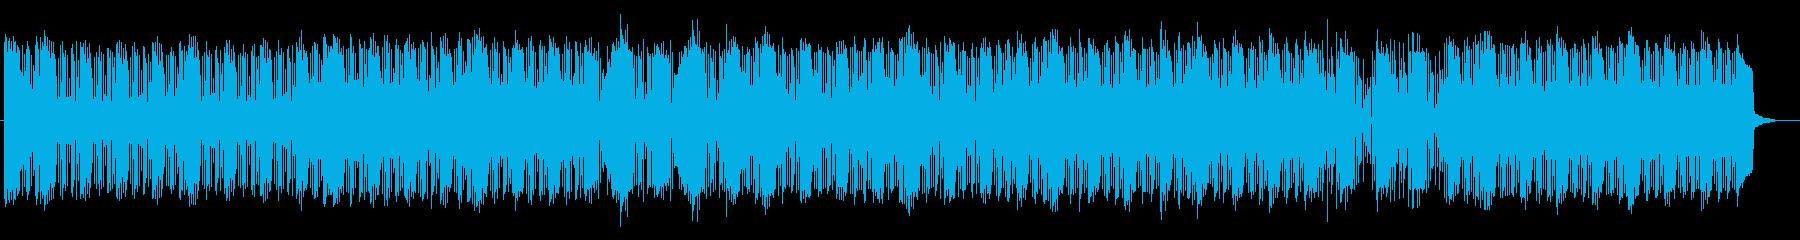 金属音とベースがメインの不思議系楽曲の再生済みの波形